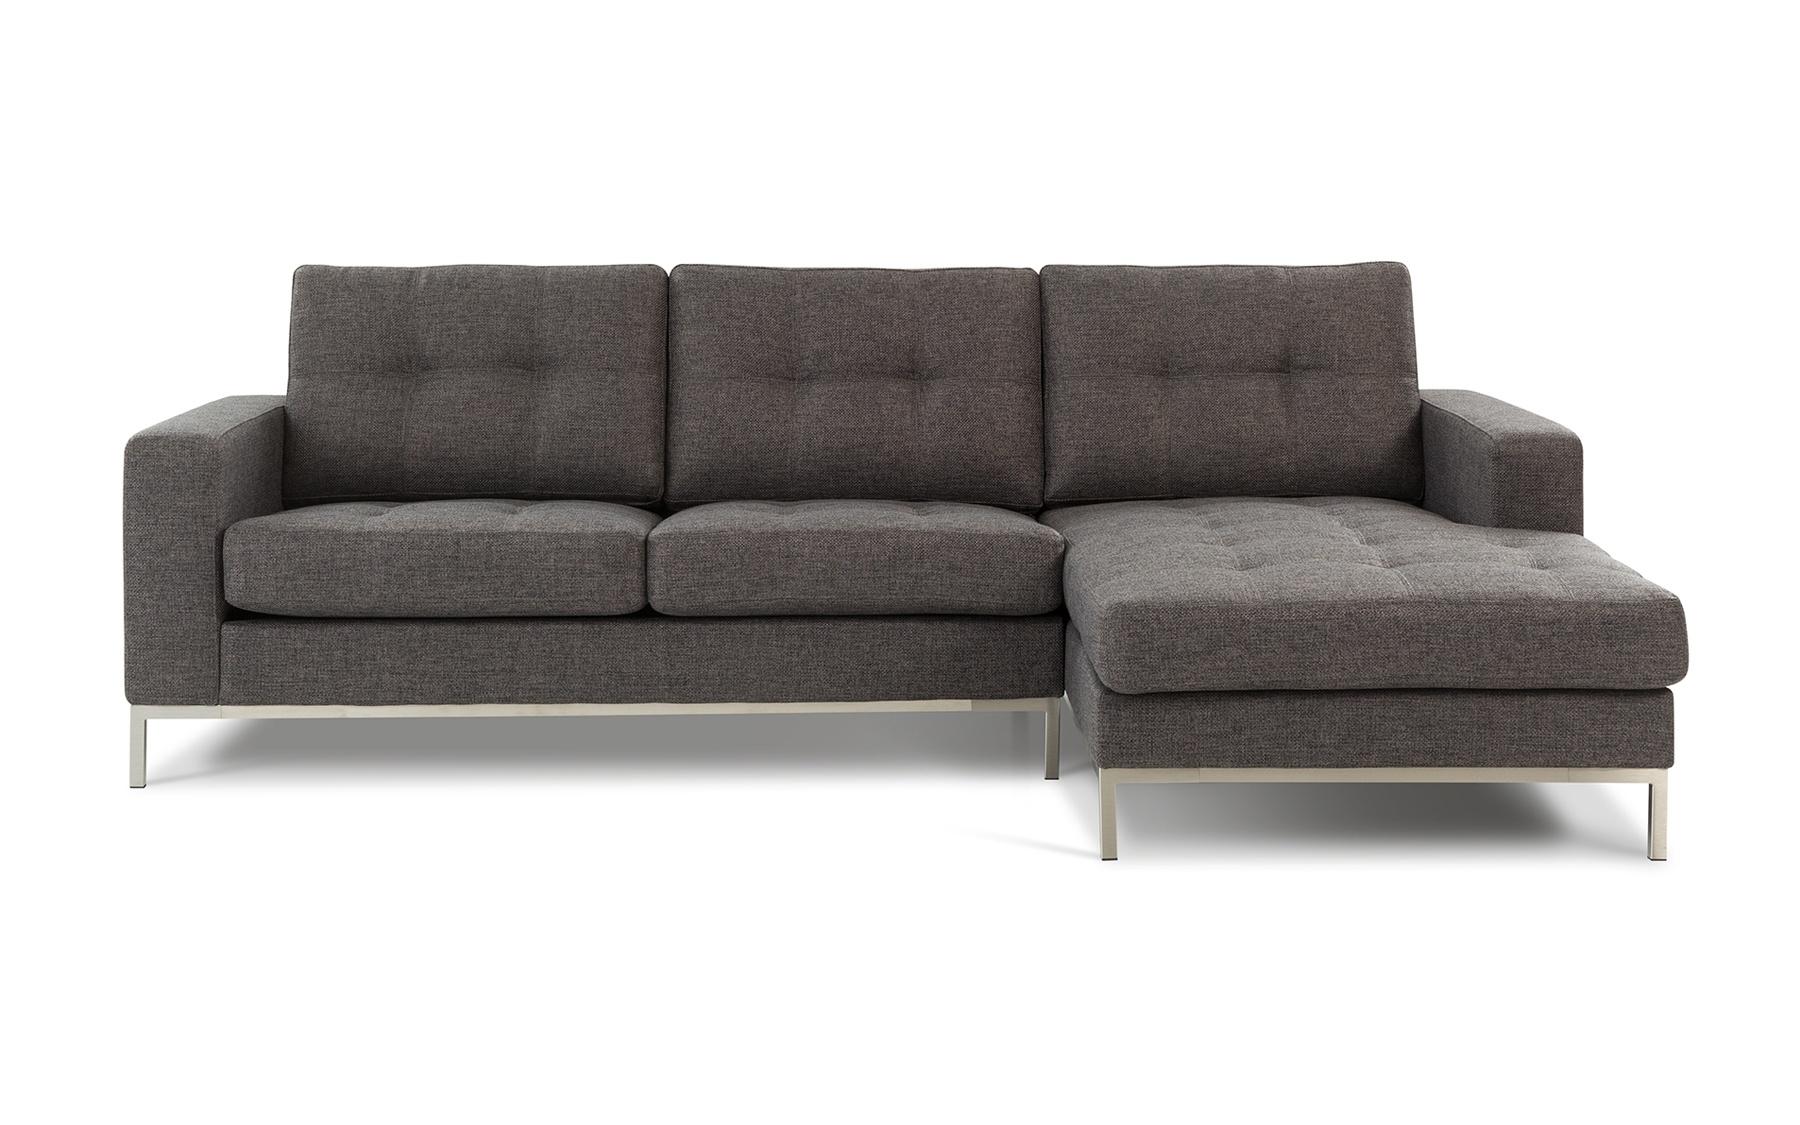 canap composable t722 composables salons la galerie. Black Bedroom Furniture Sets. Home Design Ideas